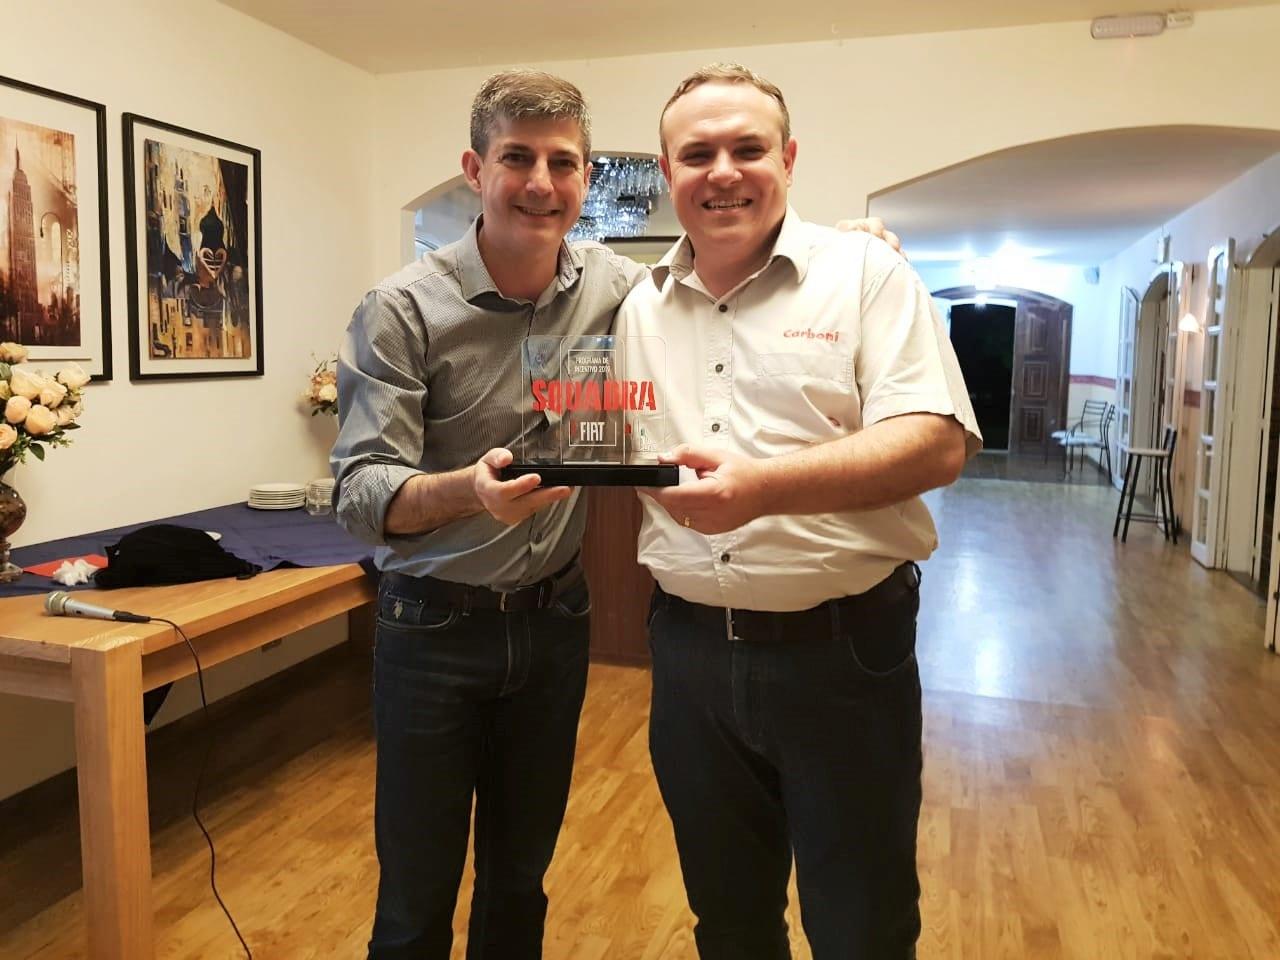 WhatsApp Image 2019 10 31 at 21.44.23 1 Carboni Fiat de Videira recebe prêmio Squadra Fiat - Concessionária e Revenda Autorizada Fiat em Santa Catarina, SC | Carboni Fiat